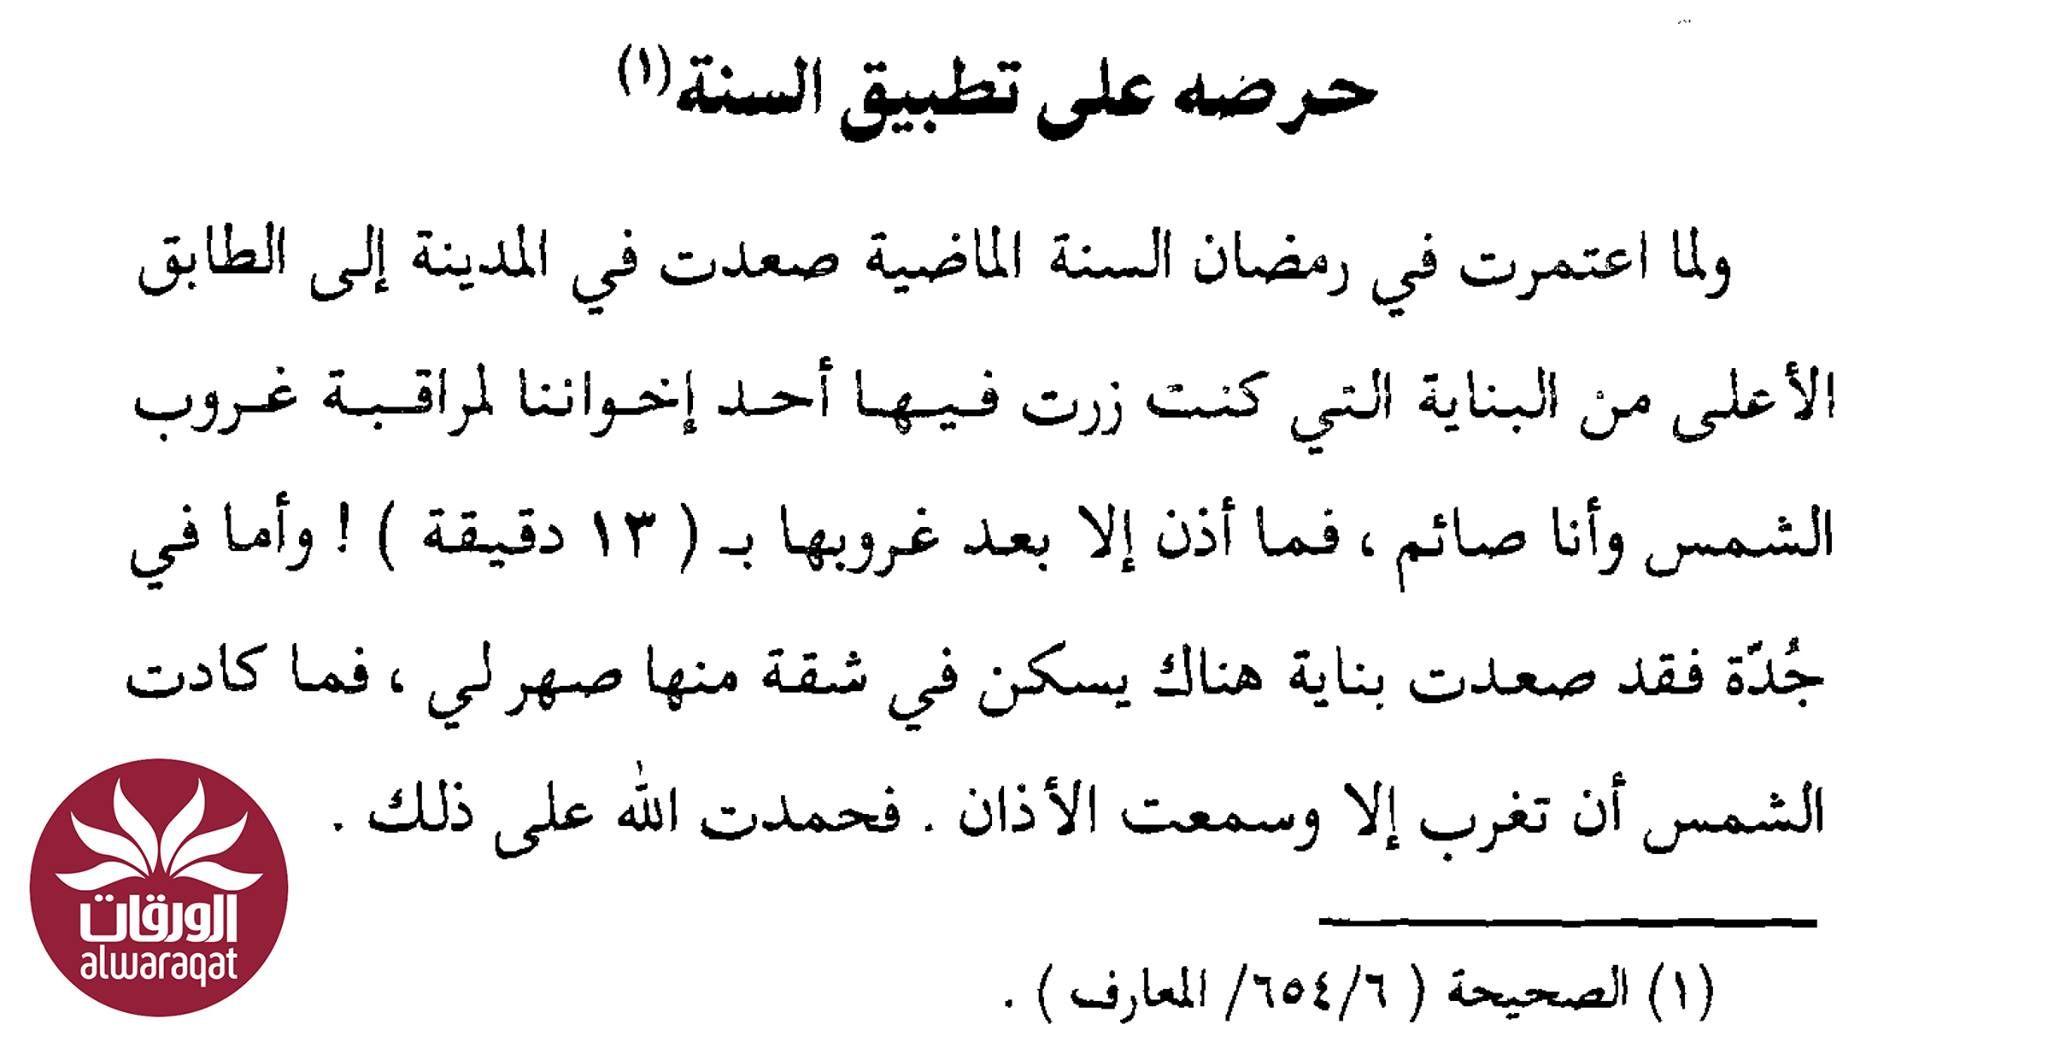 Alalbany4 Calligraphy Arabic Calligraphy